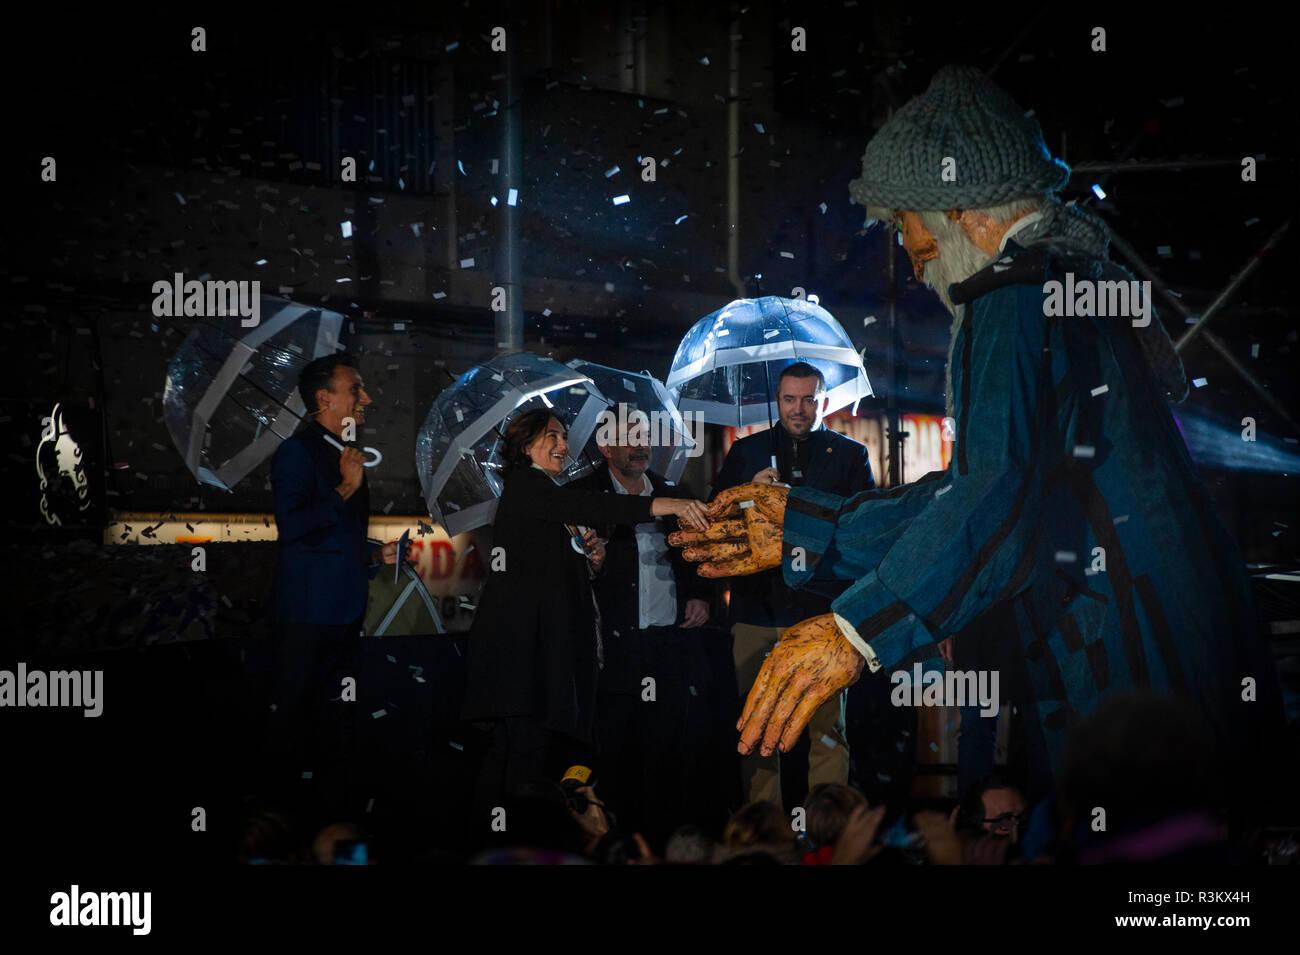 Barcelone, Espagne. 22 Nov, 2018. Barcelone, Espagne. a allumé plus de 100 km de lumières de Noël dans un spectacle où monsieur l'hiver, un caractère de 4 mètres de haut, barbe blanche, effacer et diverses tenues pour affronter le froid qui accompagneront les petits pendant ces dates. La loi présentée par Magi lari a été suivi par le maire de Barcelone, Espagne., Ada Colau et autres autorités municipales. Crédit: Charlie Perez/Alamy Live News Banque D'Images